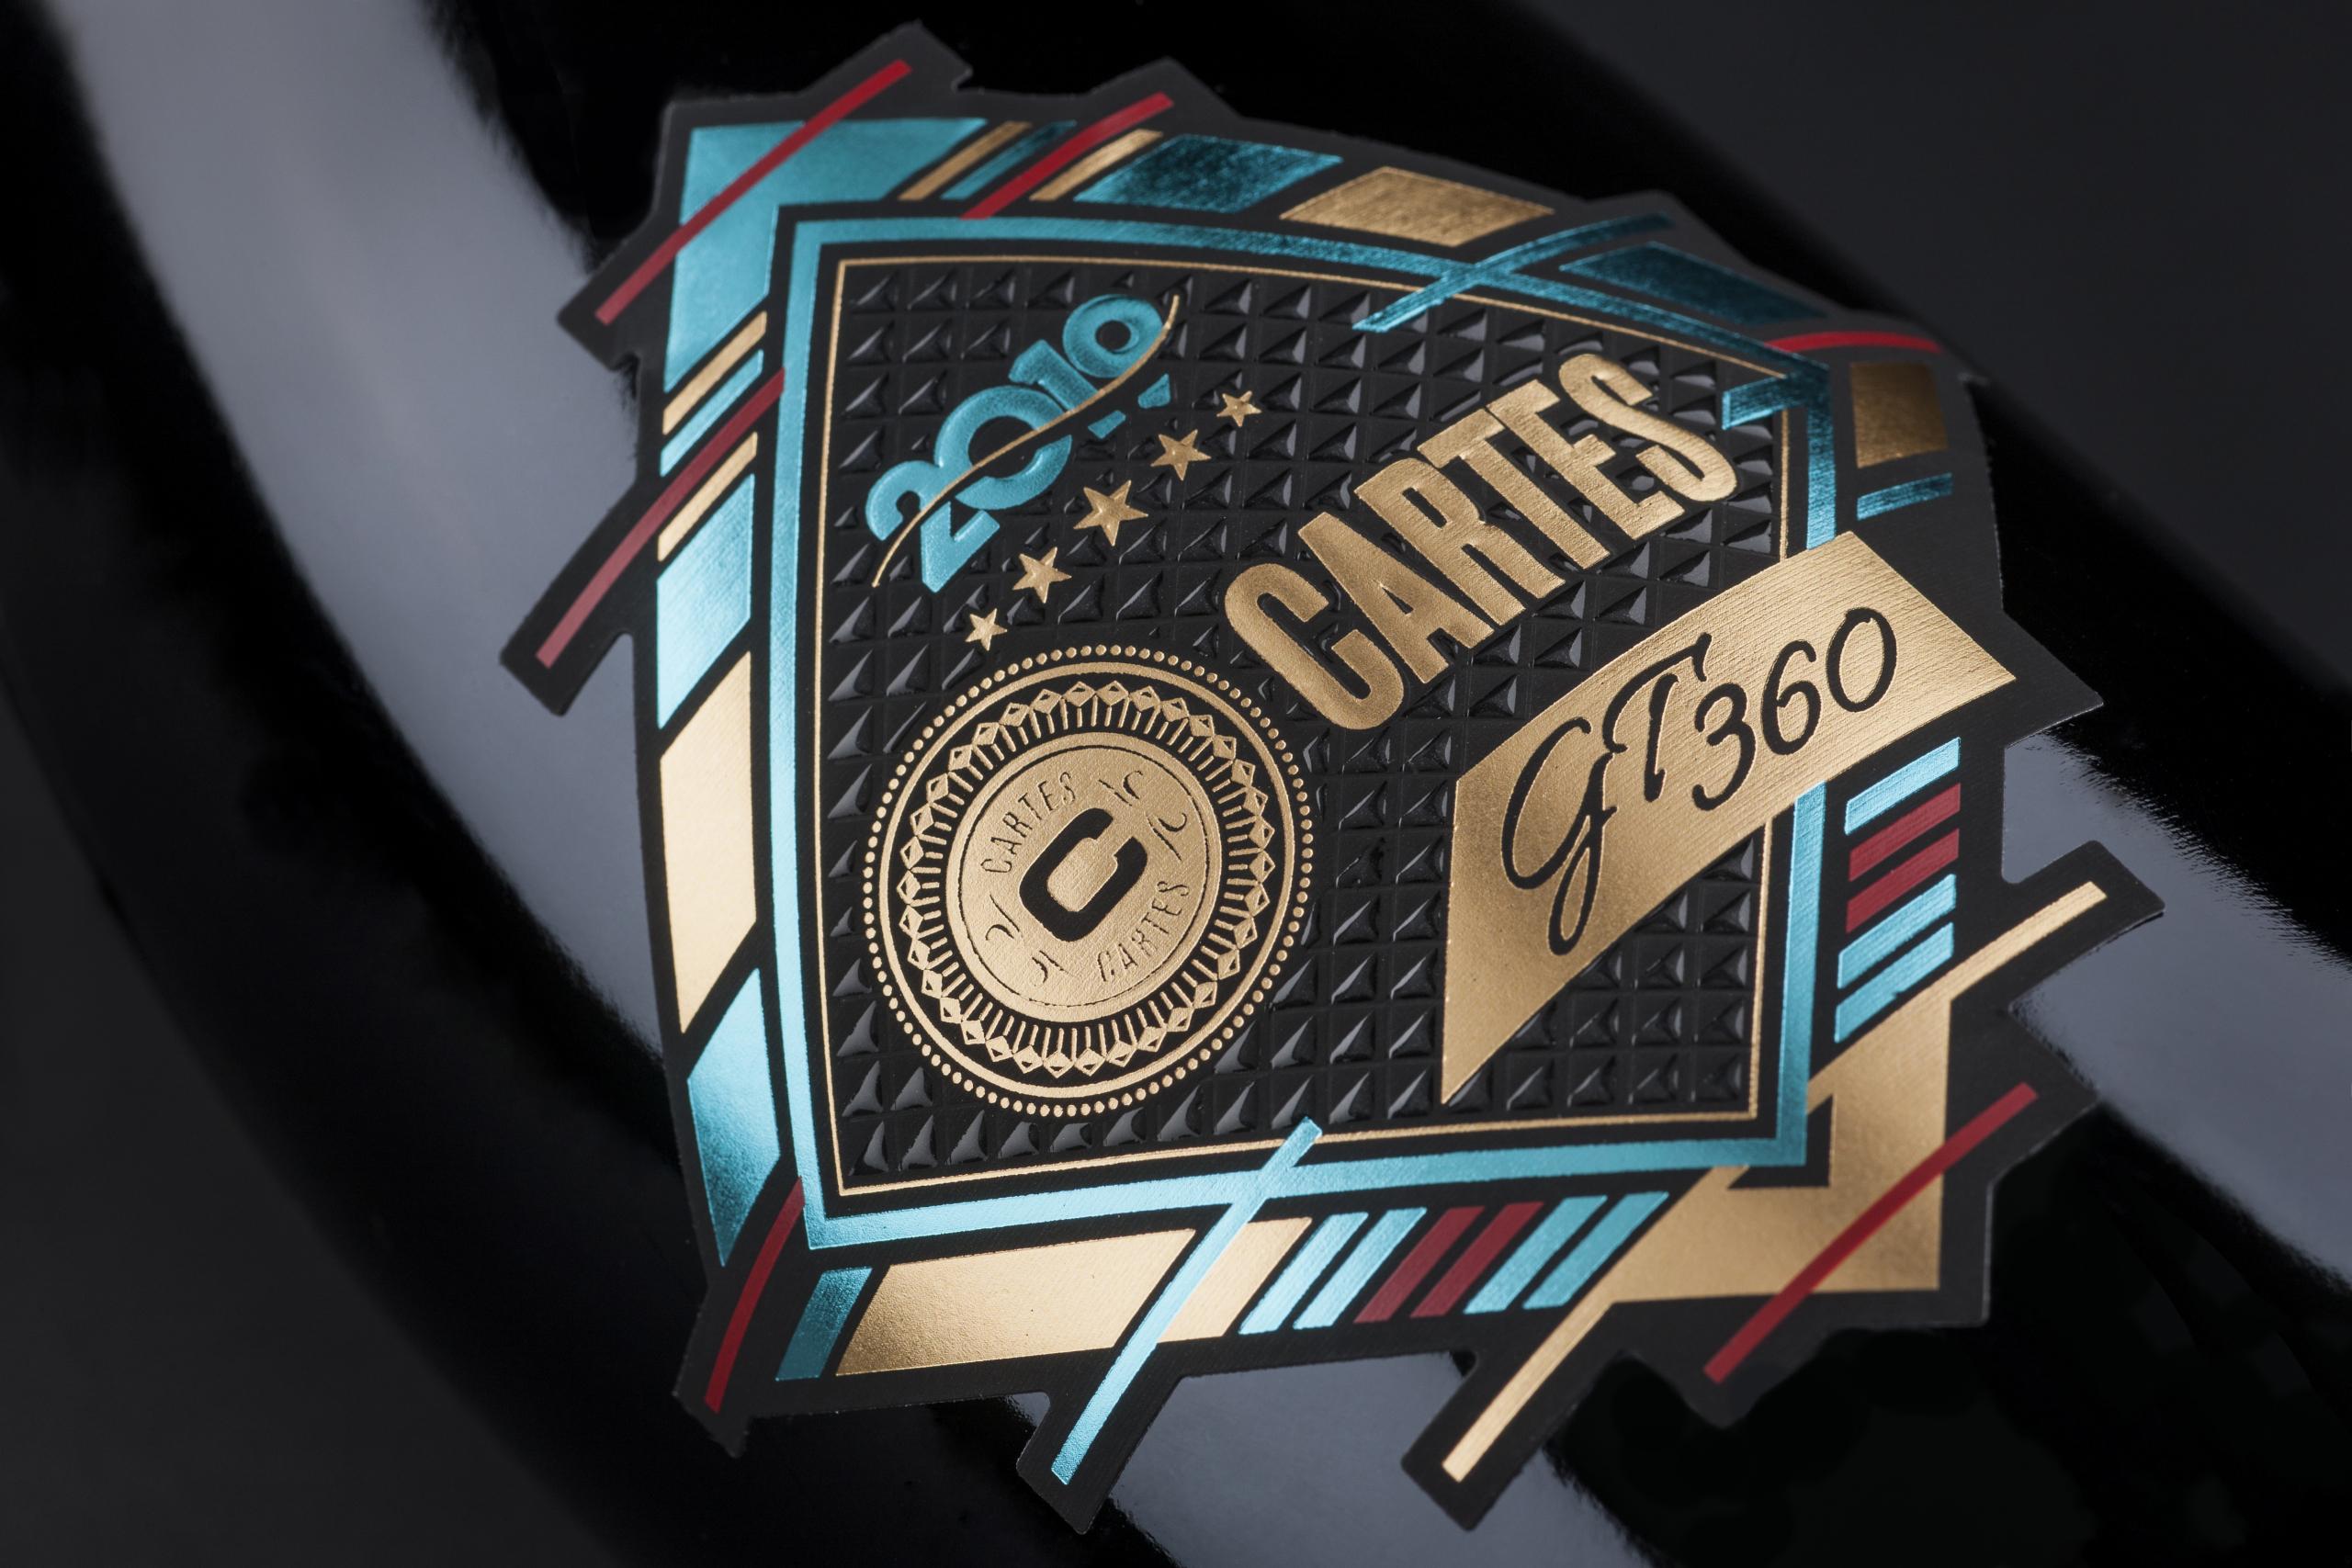 CARTES-GT360